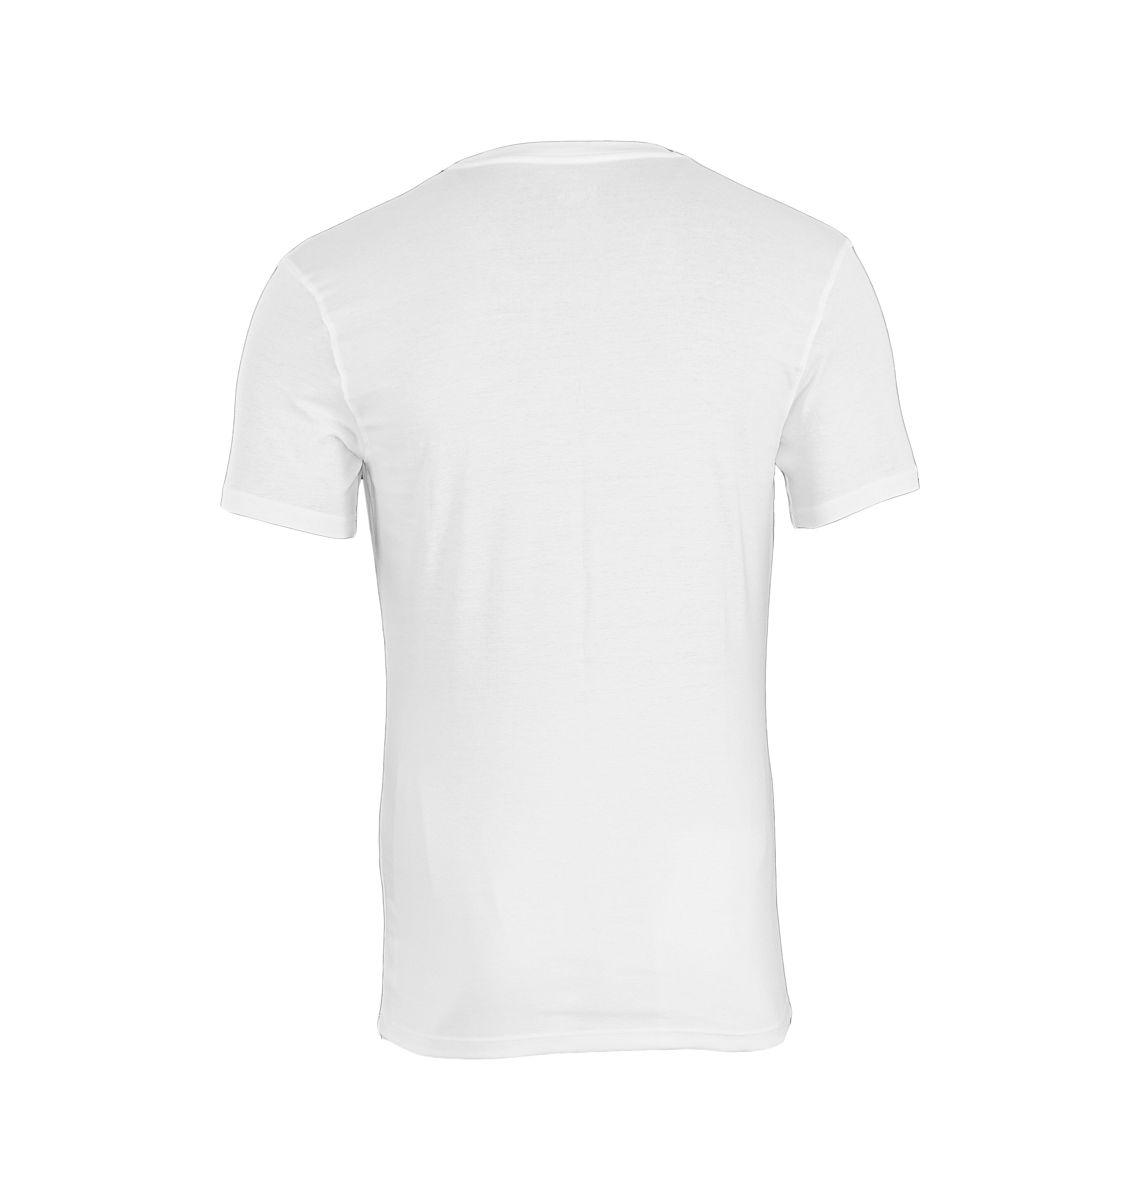 Calvin Klein T-Shirt Tee-Shirts CK16 U8322A Rundhals weiss